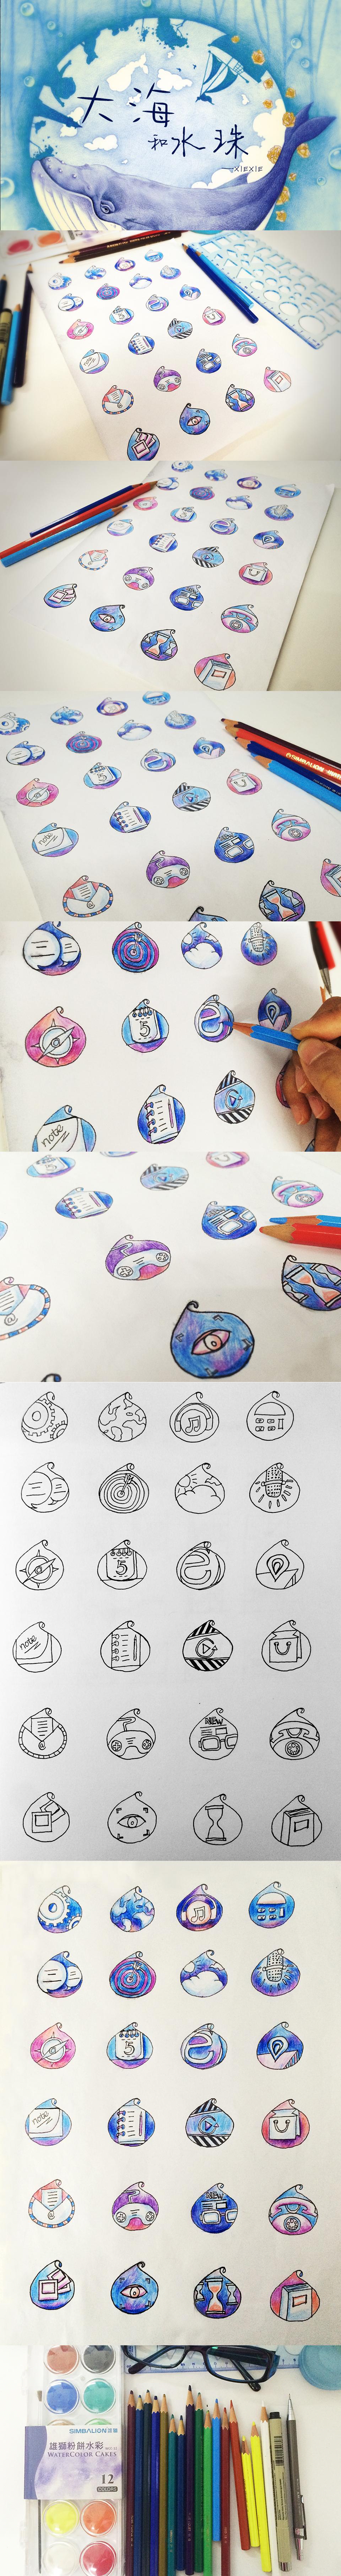 水滴卡通手绘素材